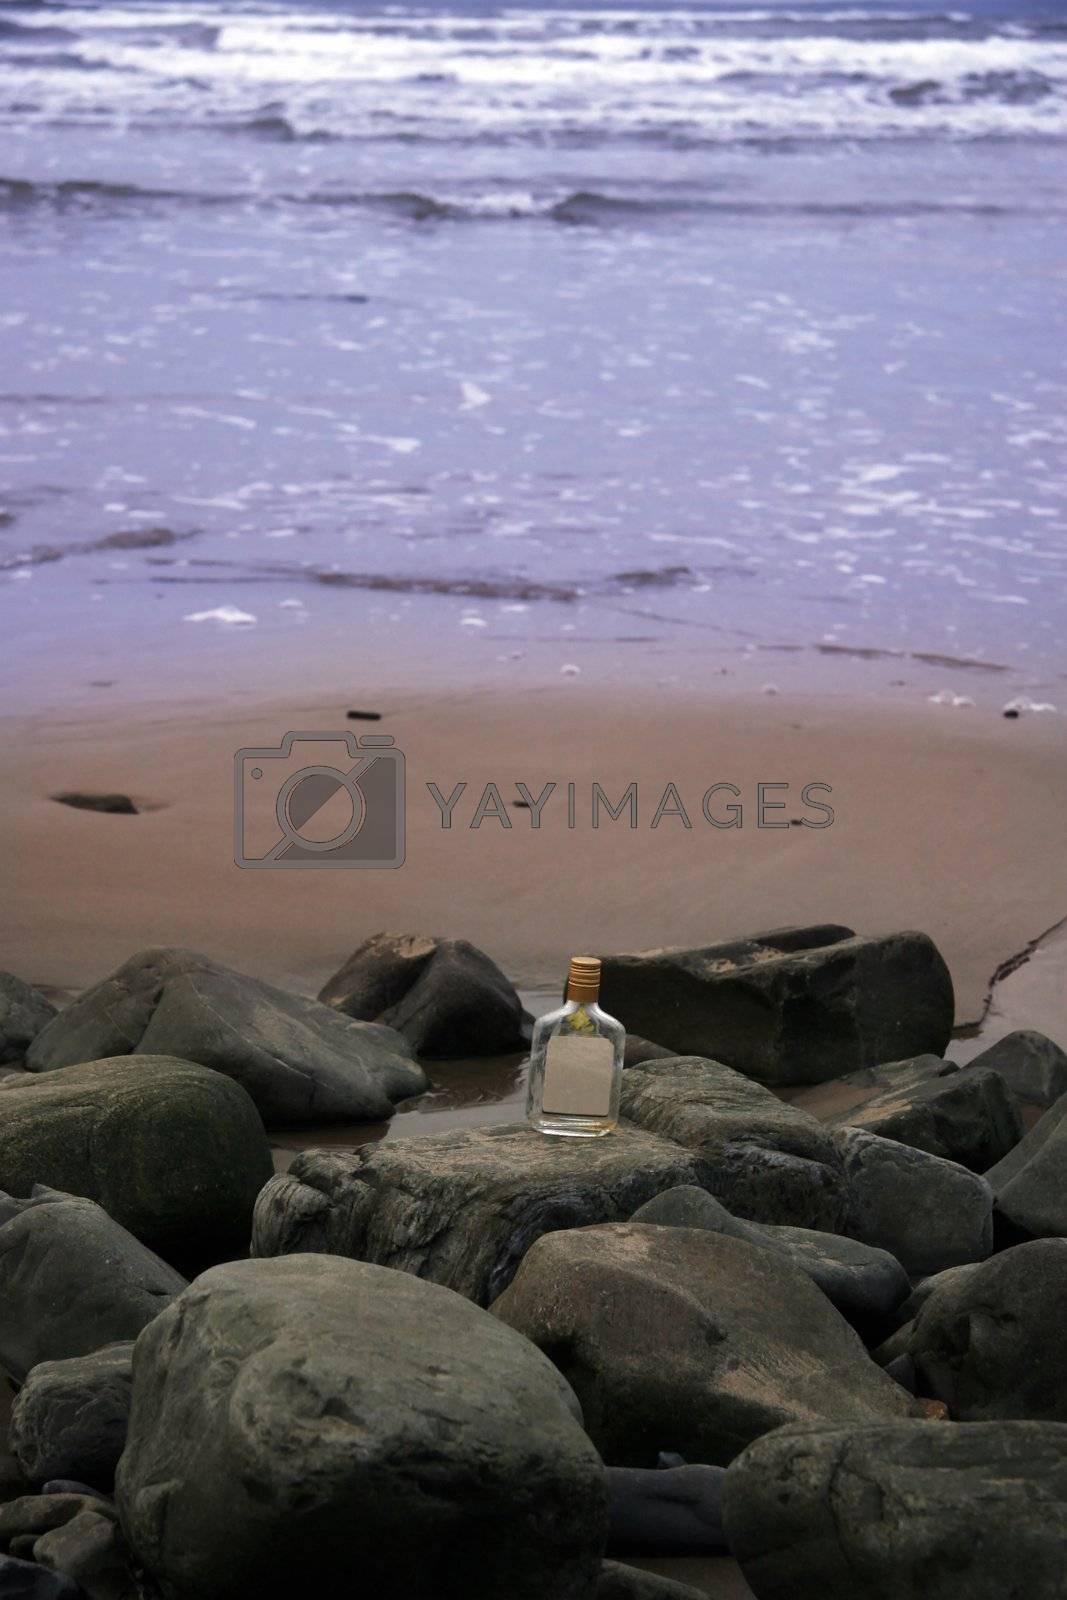 scotch on the rocks by morrbyte